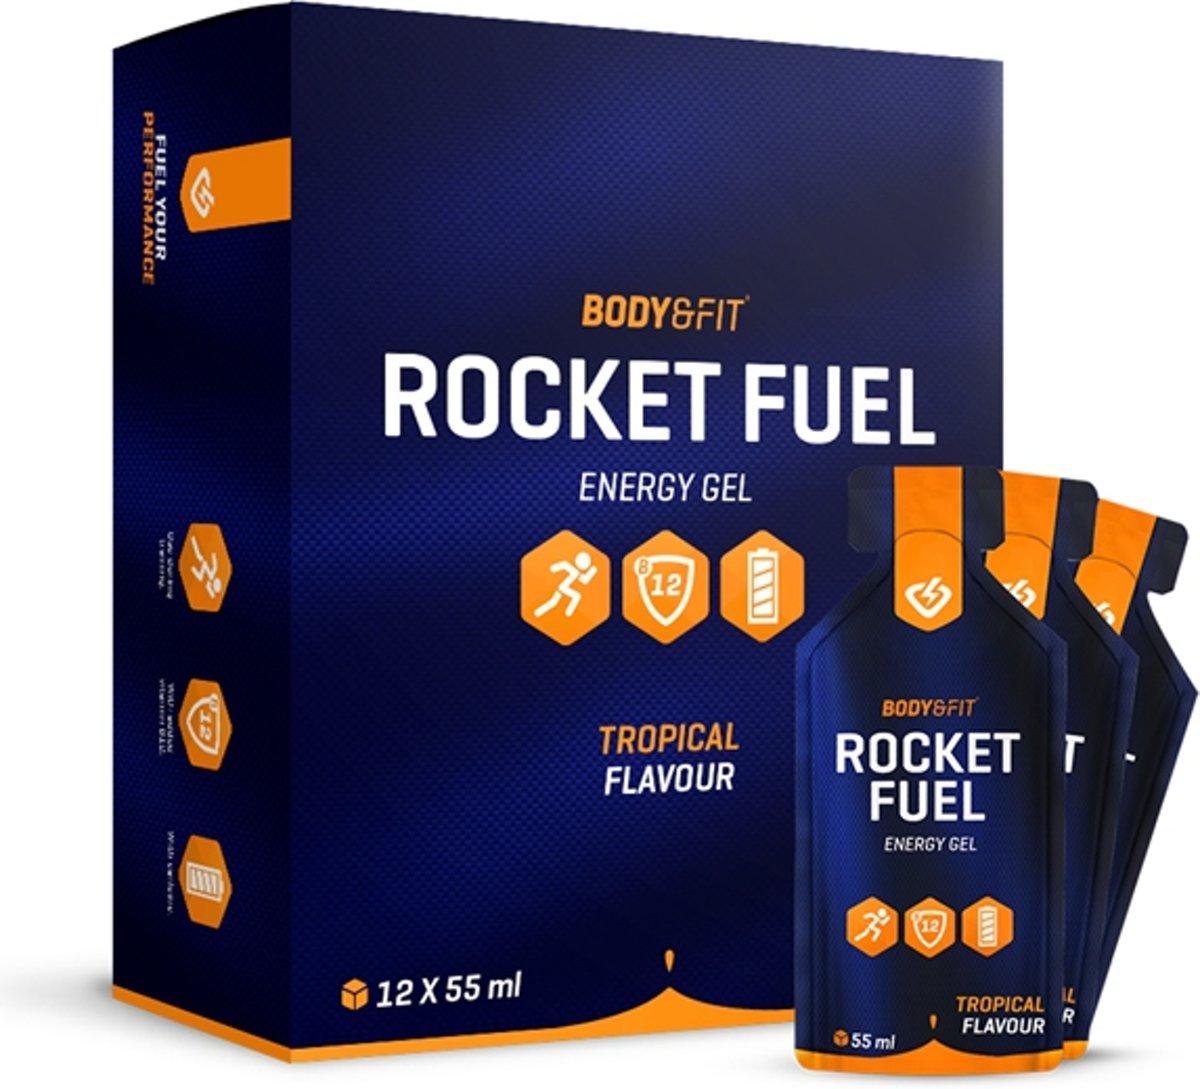 Body & Fit Rocket Fuel - Energiegel - 1 doos (12 gels) - Tropical kopen